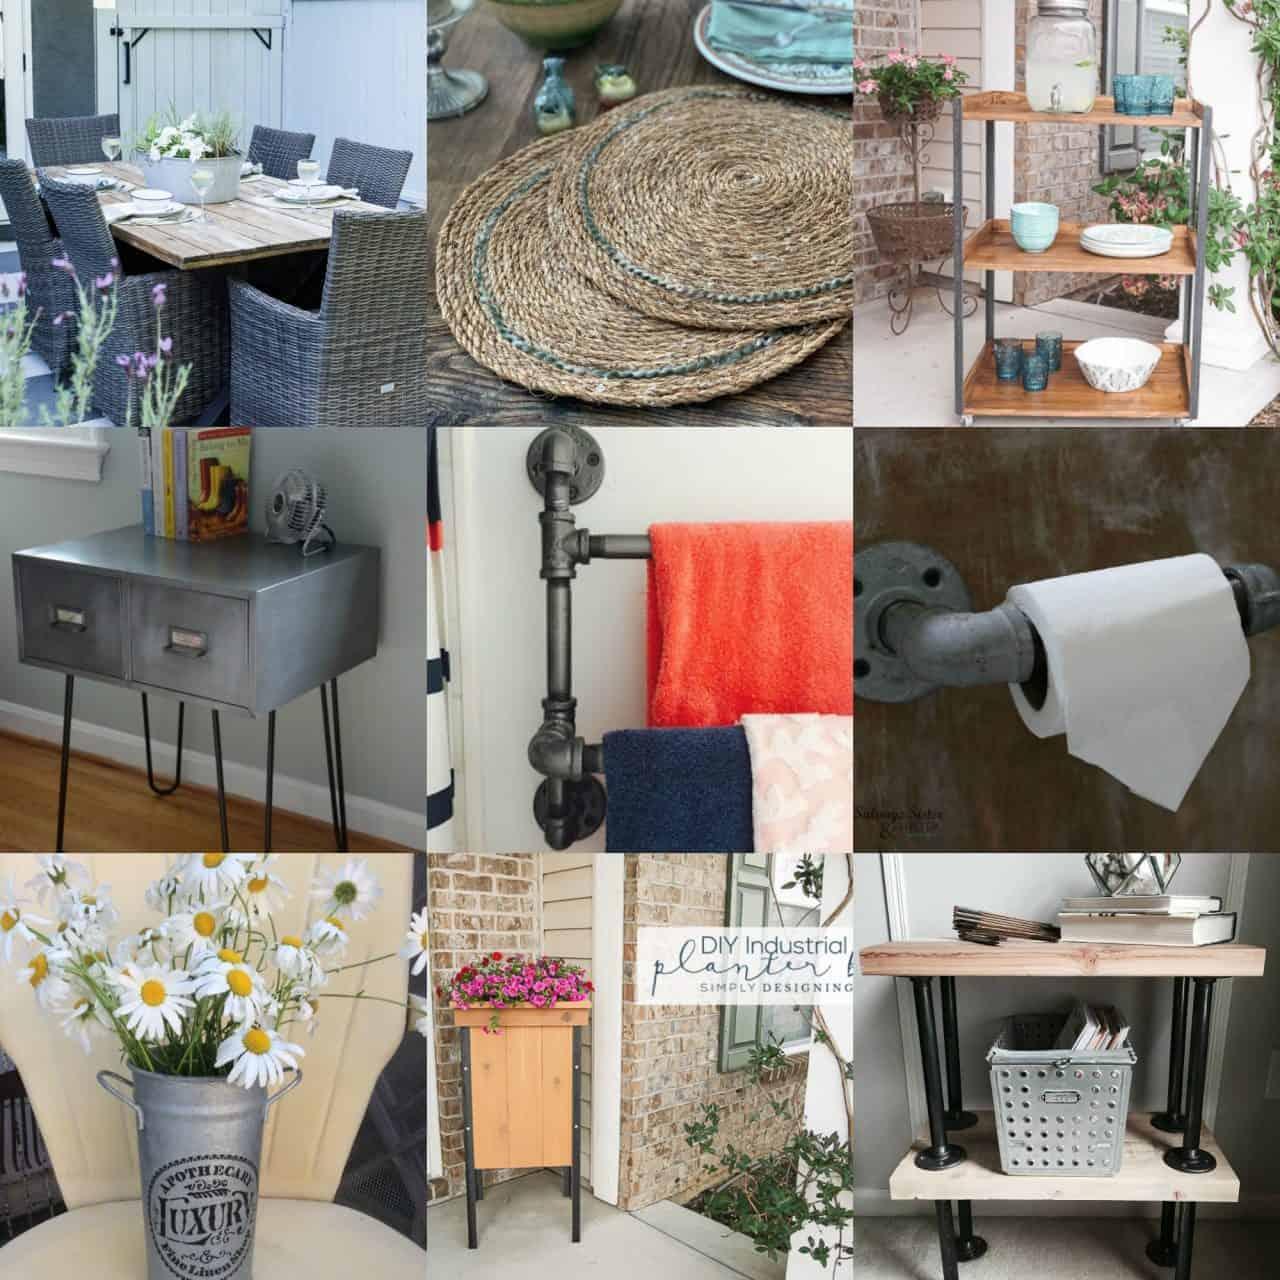 Farmhouse Industrial Decor Ideas: 9 Industrial Farmhouse Decor Ideas